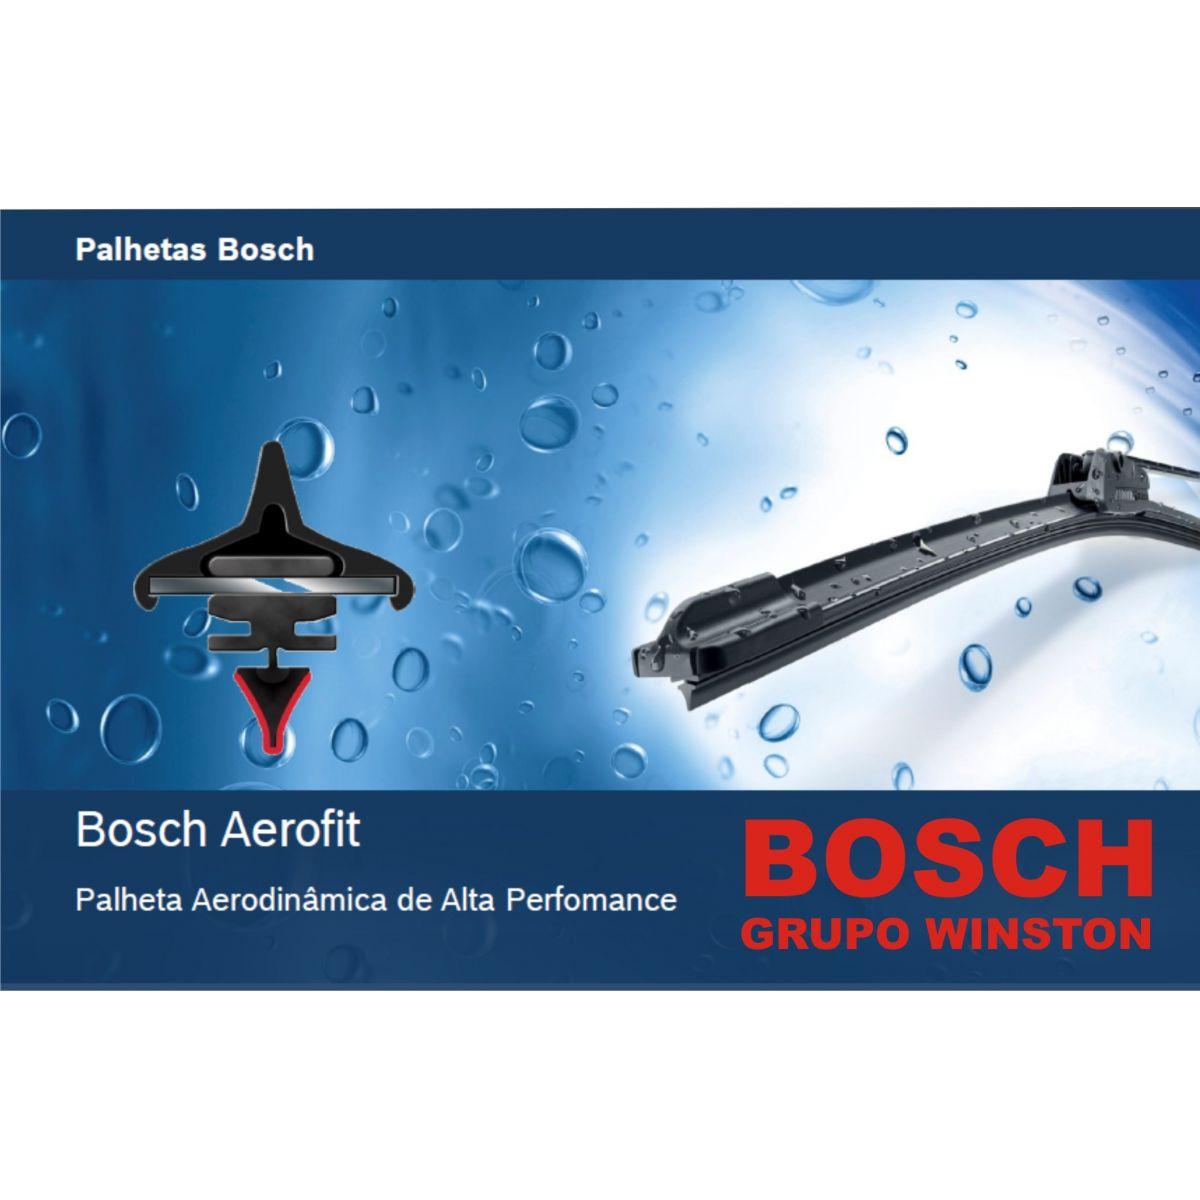 Palheta Bosch Aerofit Limpador de para brisa Bosch DODGE Ram